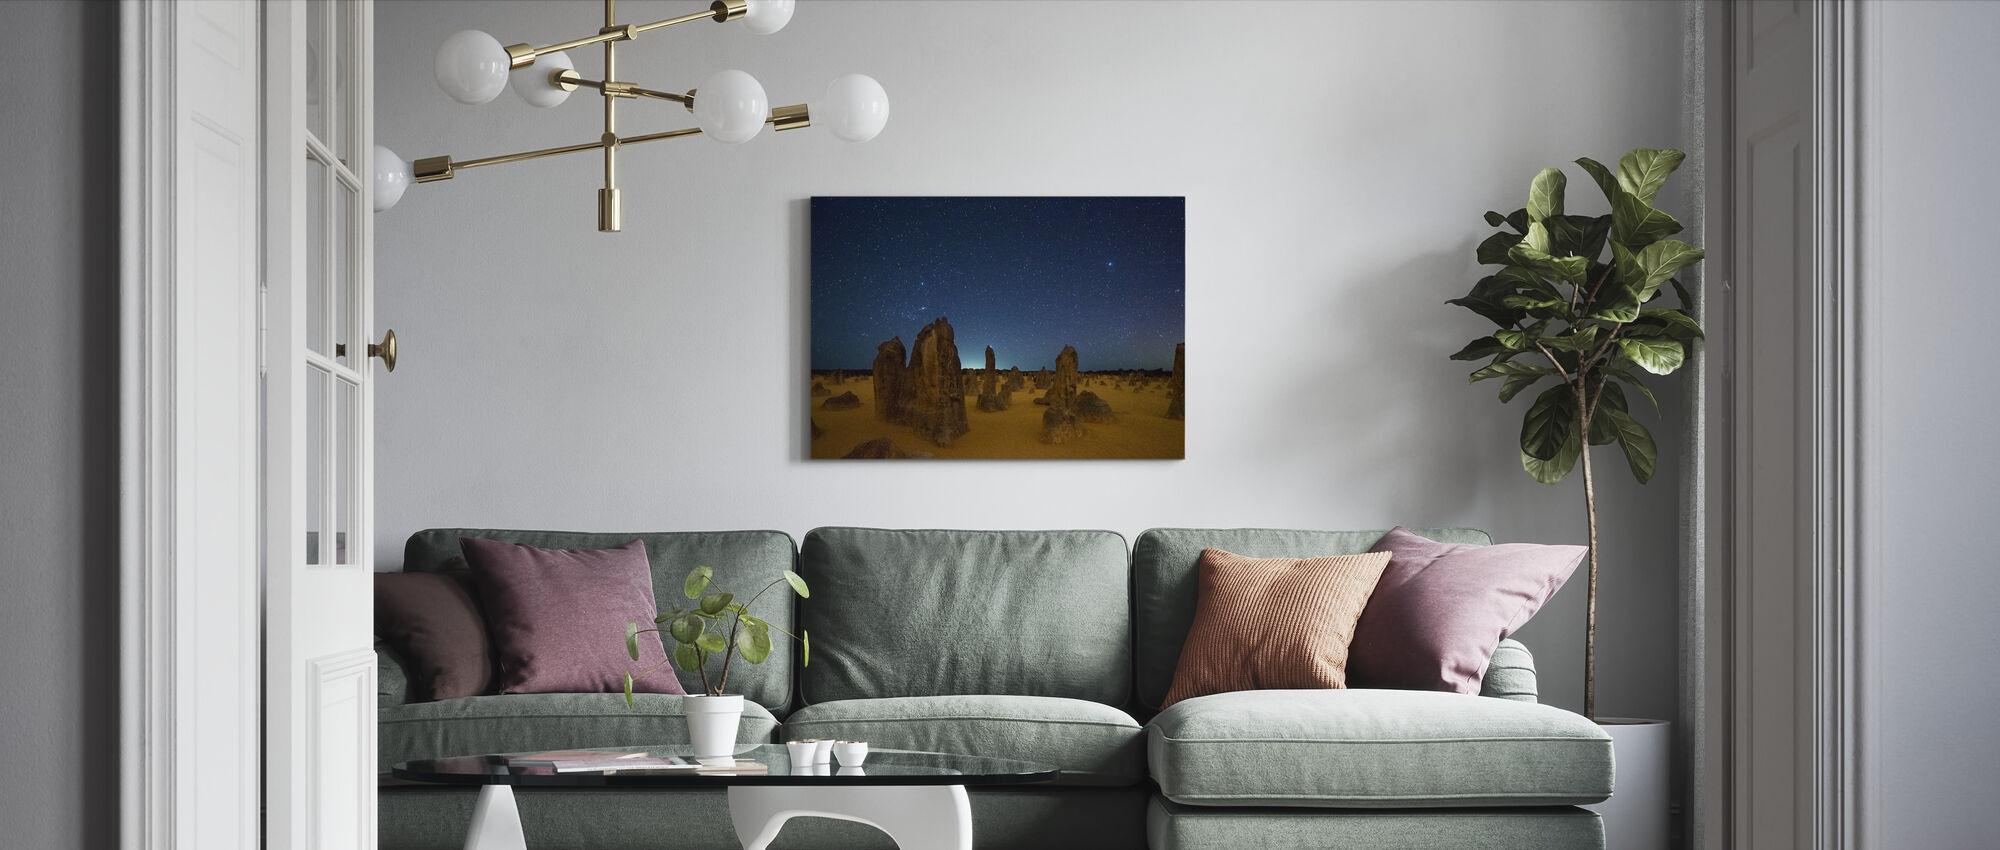 Pinnacles at Night - Canvas print - Living Room